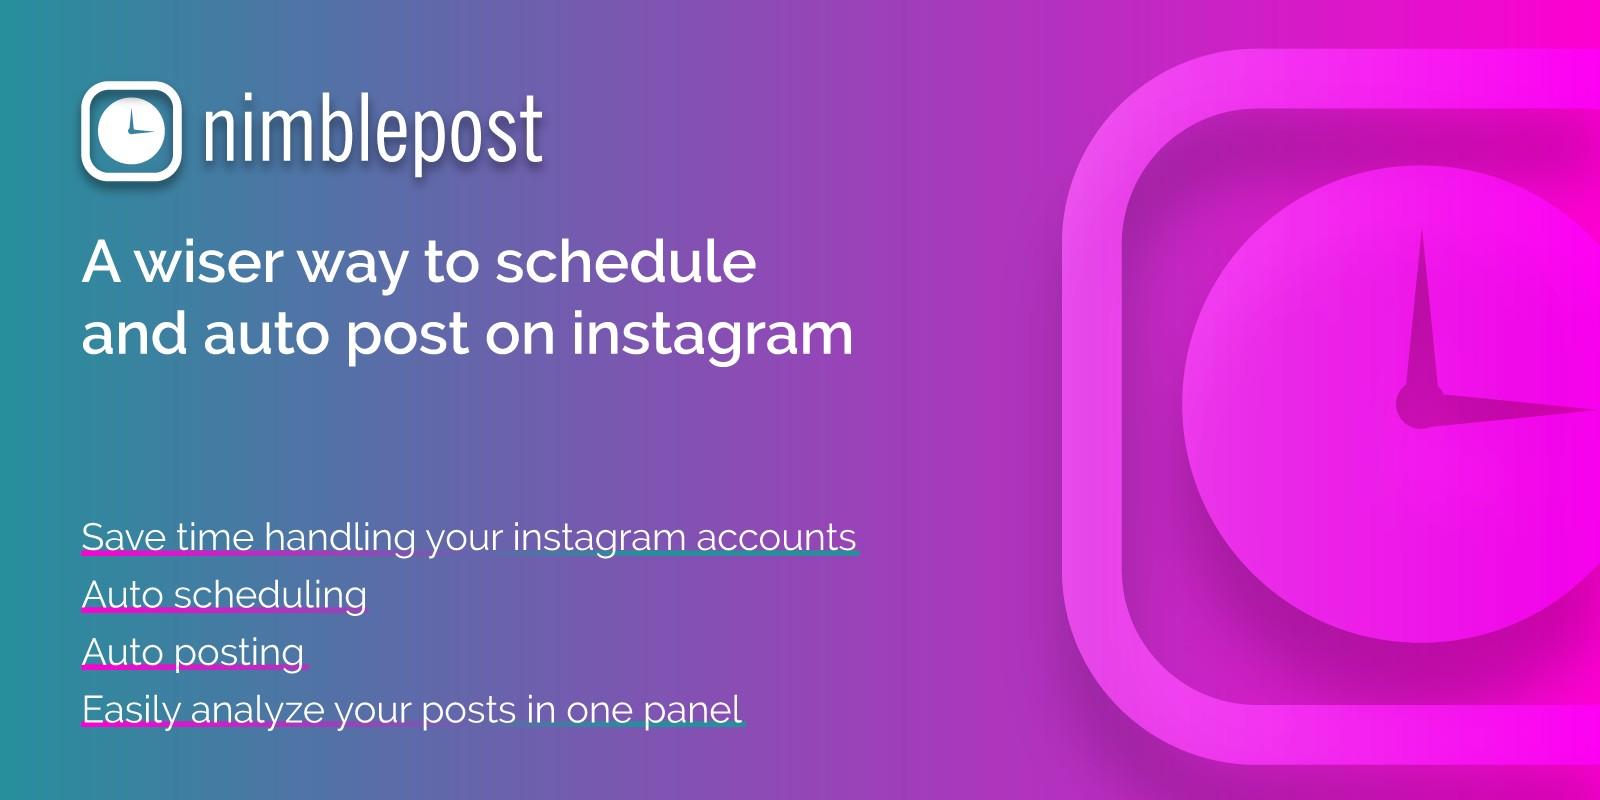 Instagram Autoposter And Scheduler - NimblePost